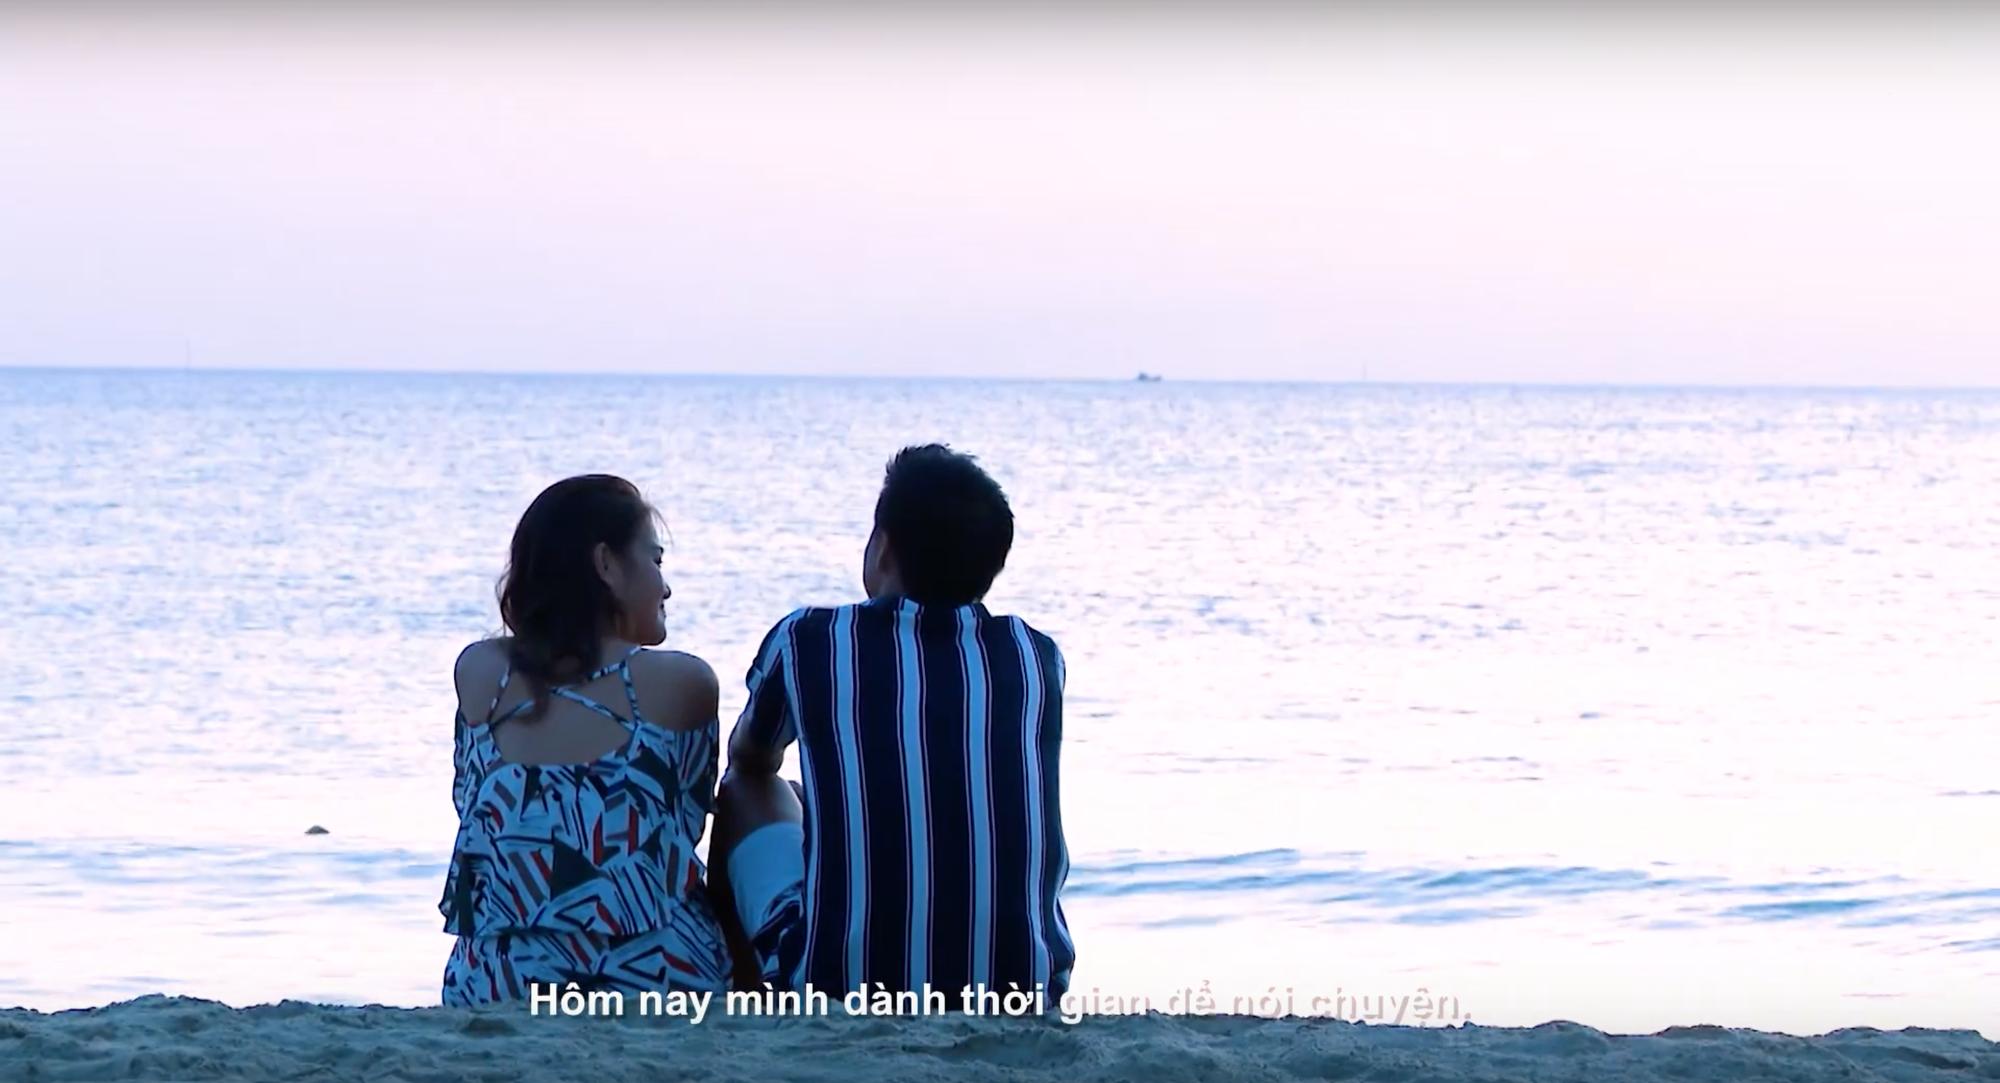 Top 5 Hoa hậu Siêu quốc gia Việt Nam từ chối Anh chàng độc thân - Ảnh 2.